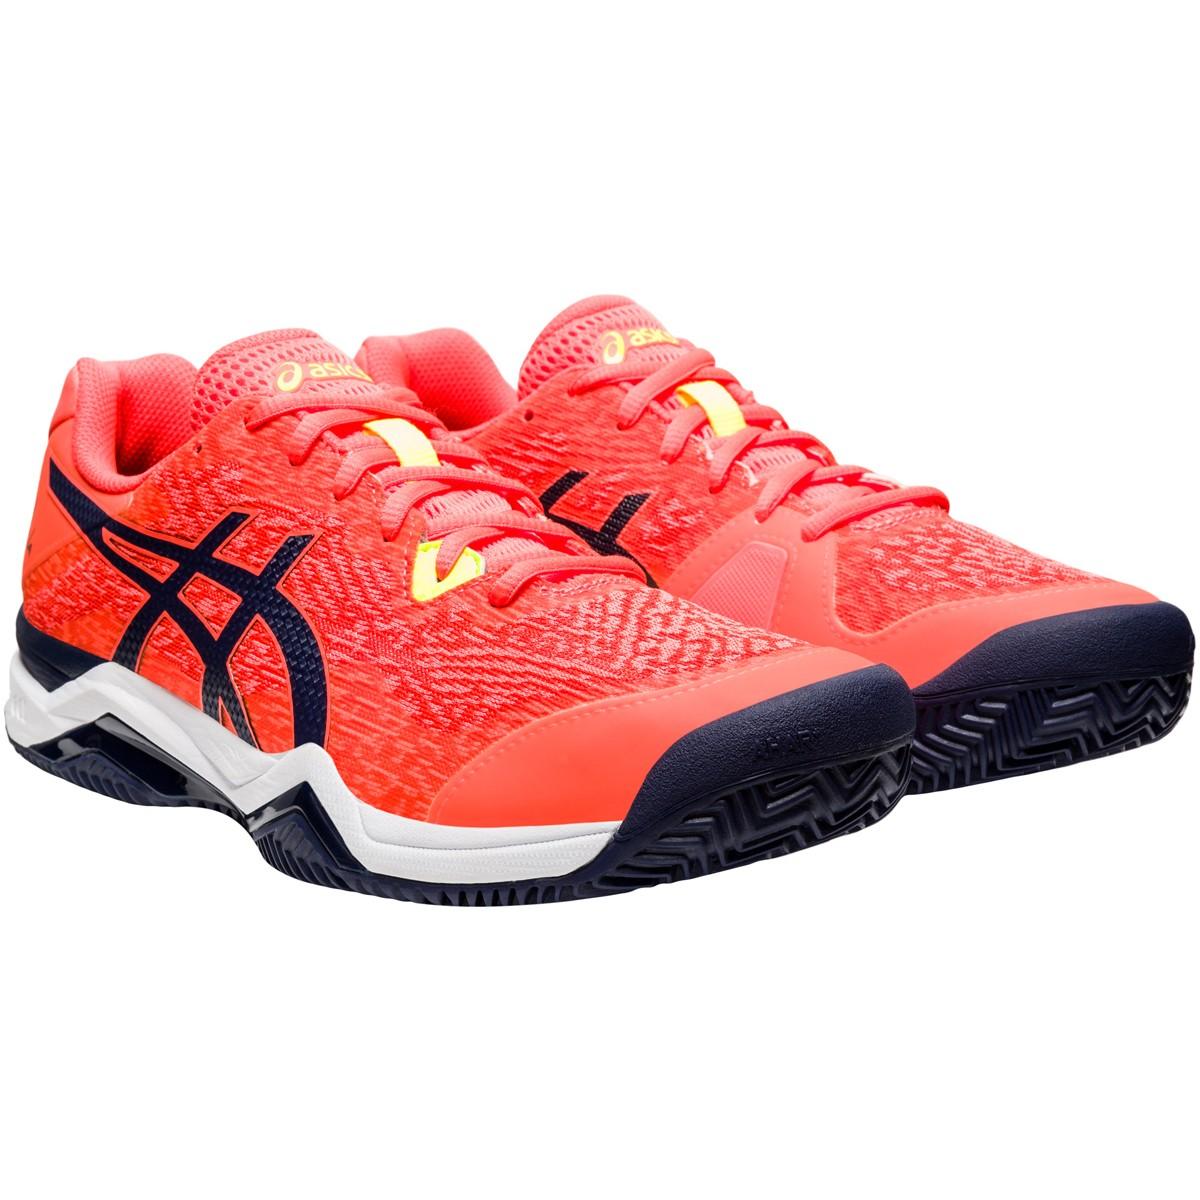 ASICS GEL BELA PADEL/CLAY COURT SHOES - ASICS - Shoes - Padel ...